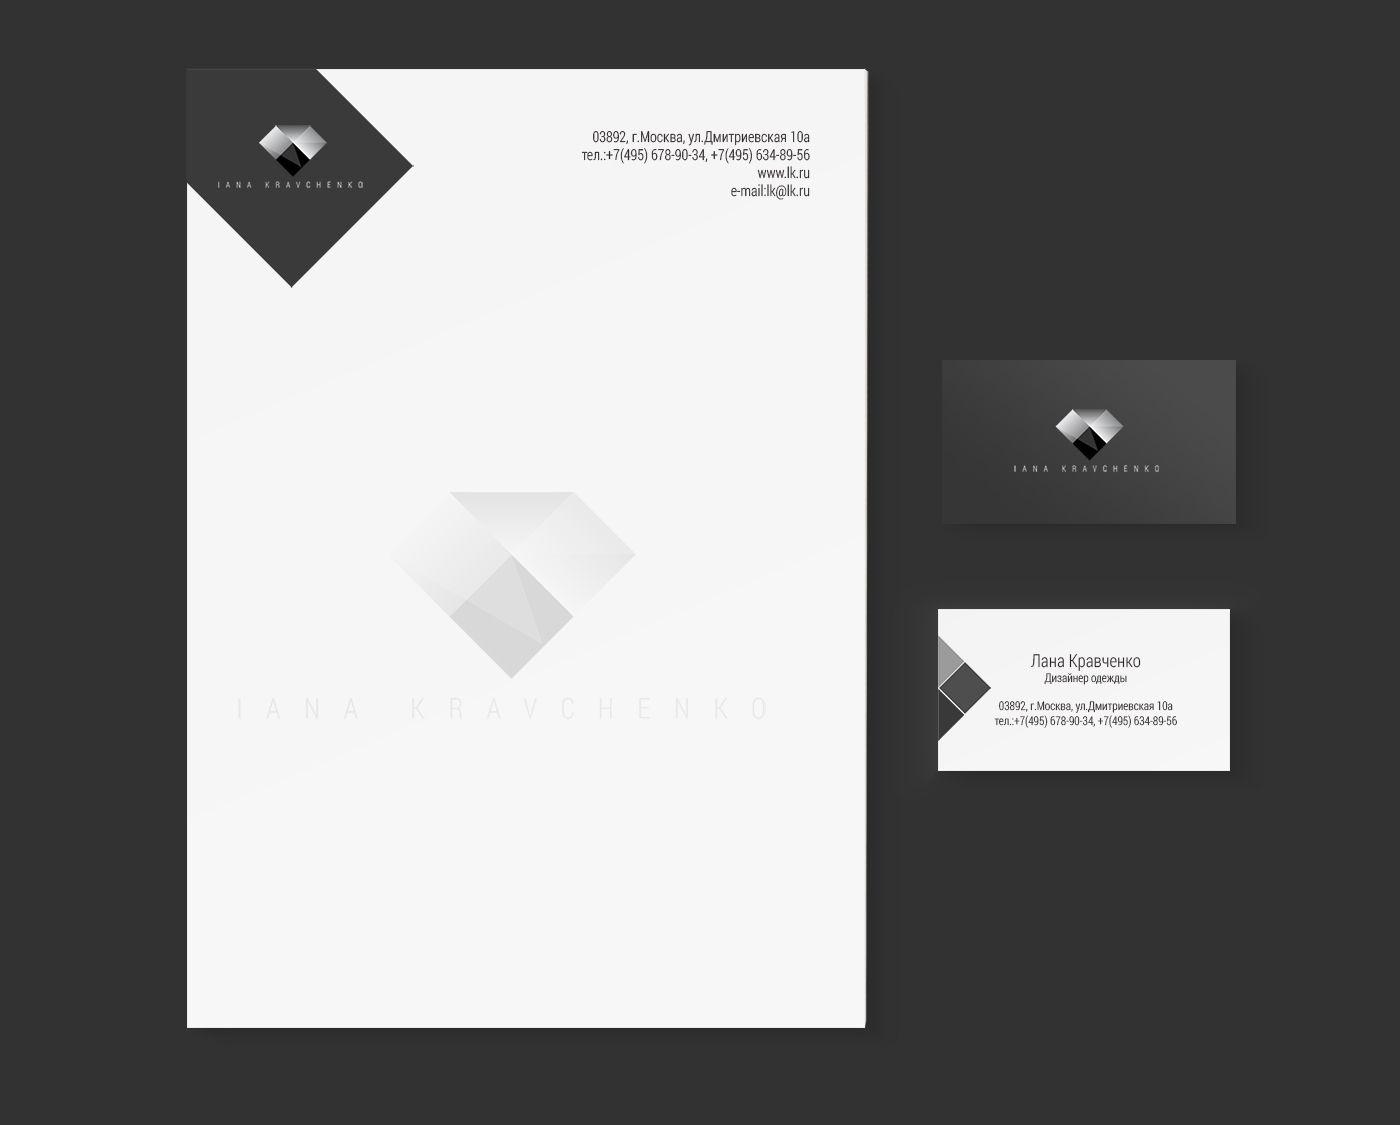 Логотипа и фир. стиля для дизайнера одежды - дизайнер DynamicMotion